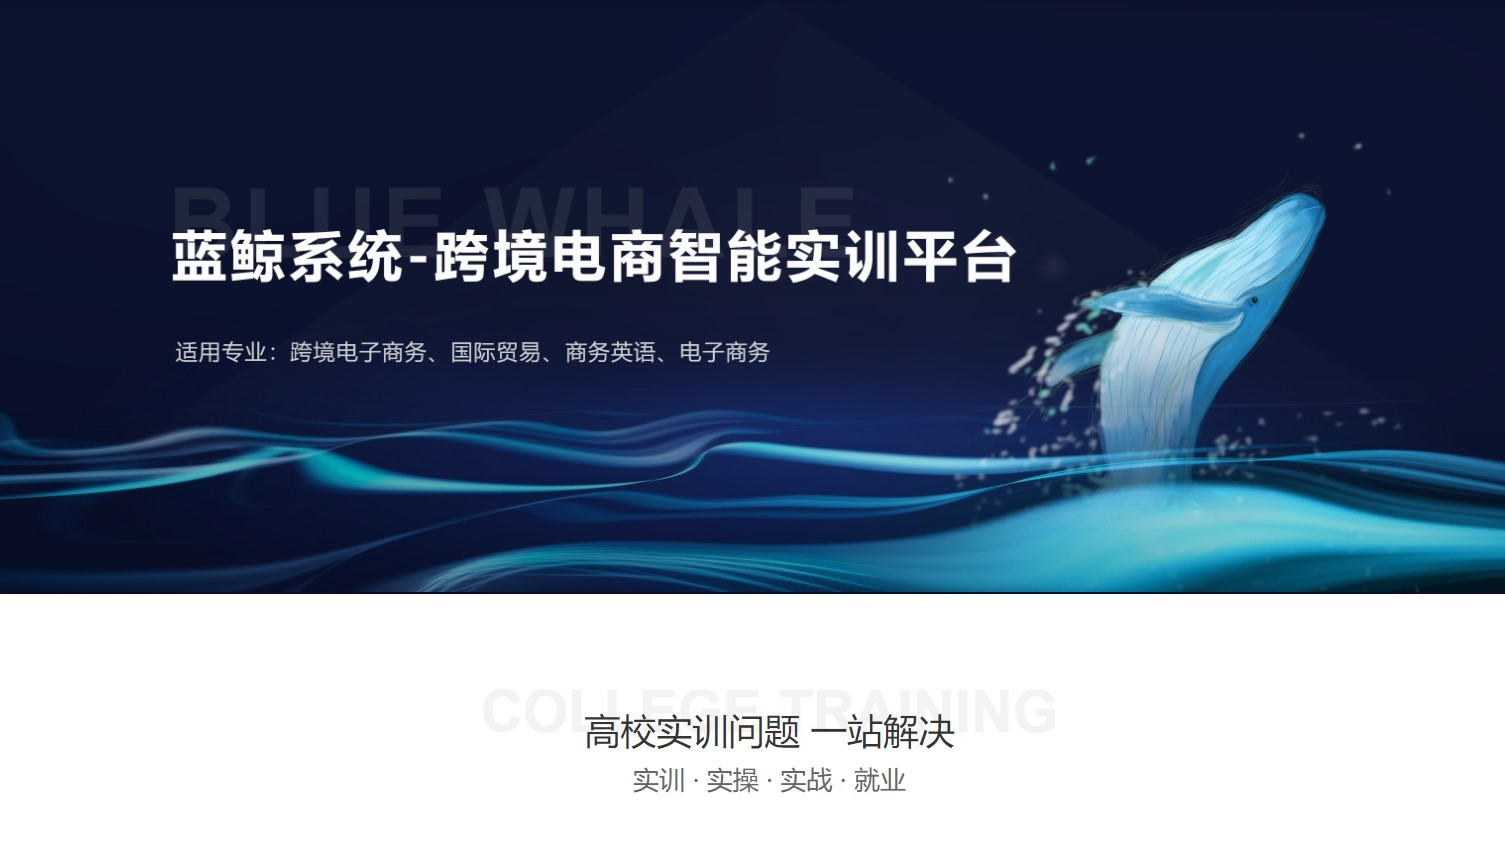 蓝鲸系统-跨境电商智能实训平台